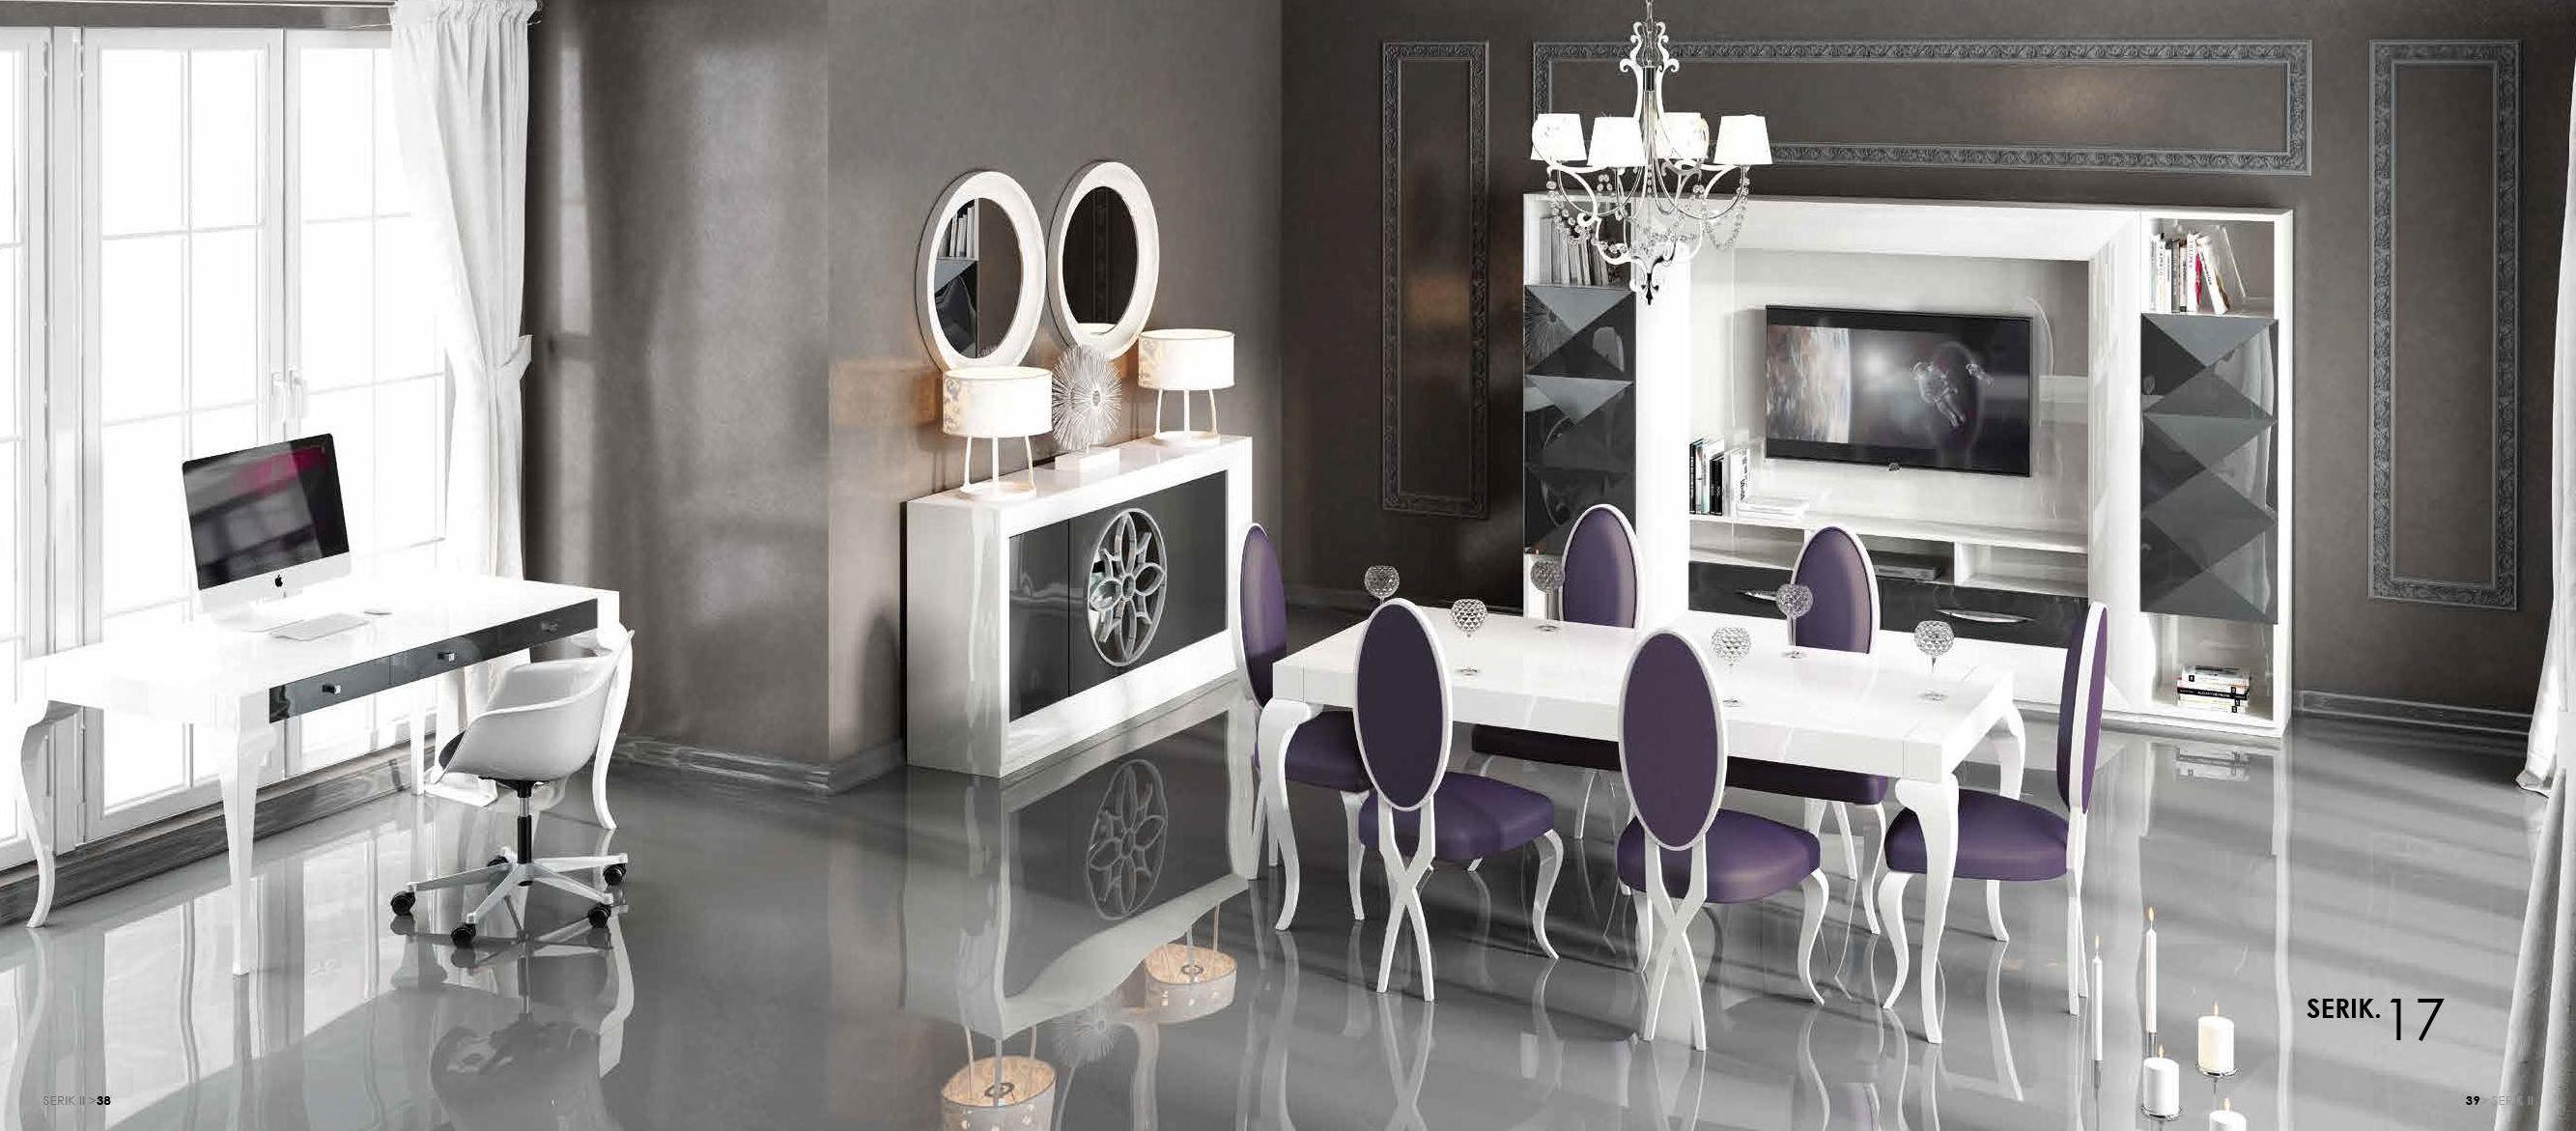 Colecci N Serik 2 Salones Y Dormitorios Goga Muebles